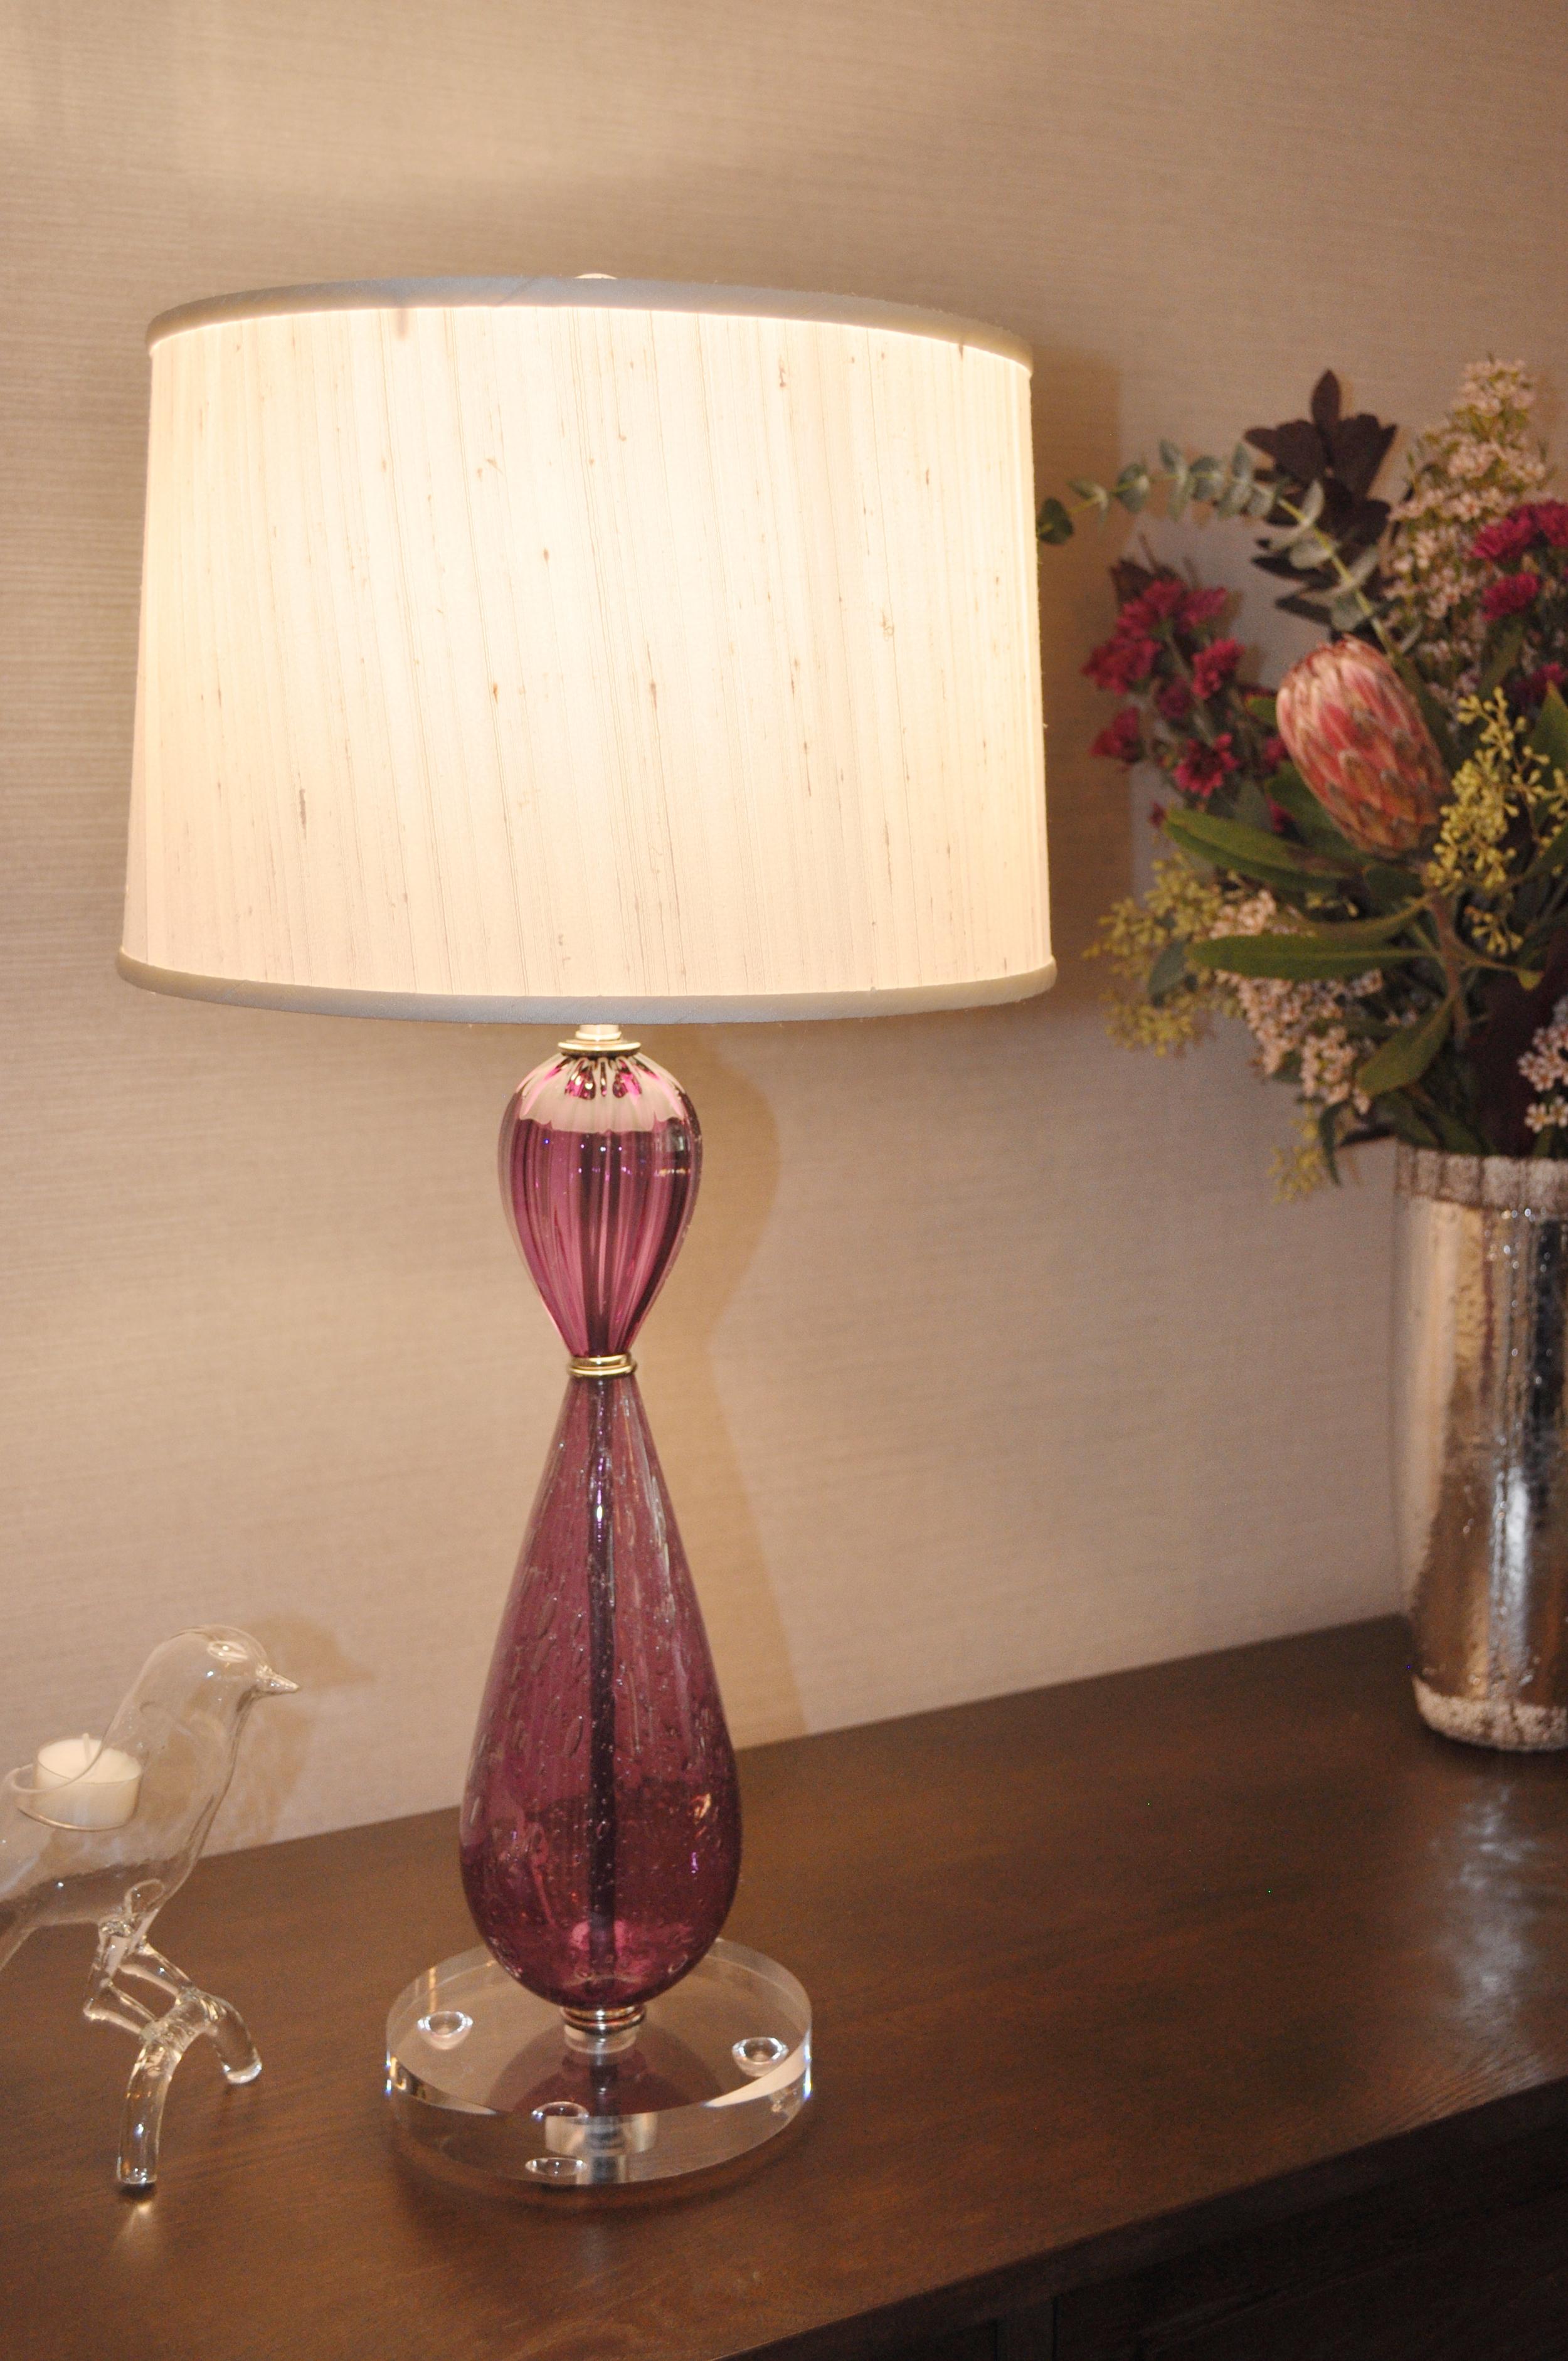 Home Entry_Table Lamp_KAM DESIGN.jpg